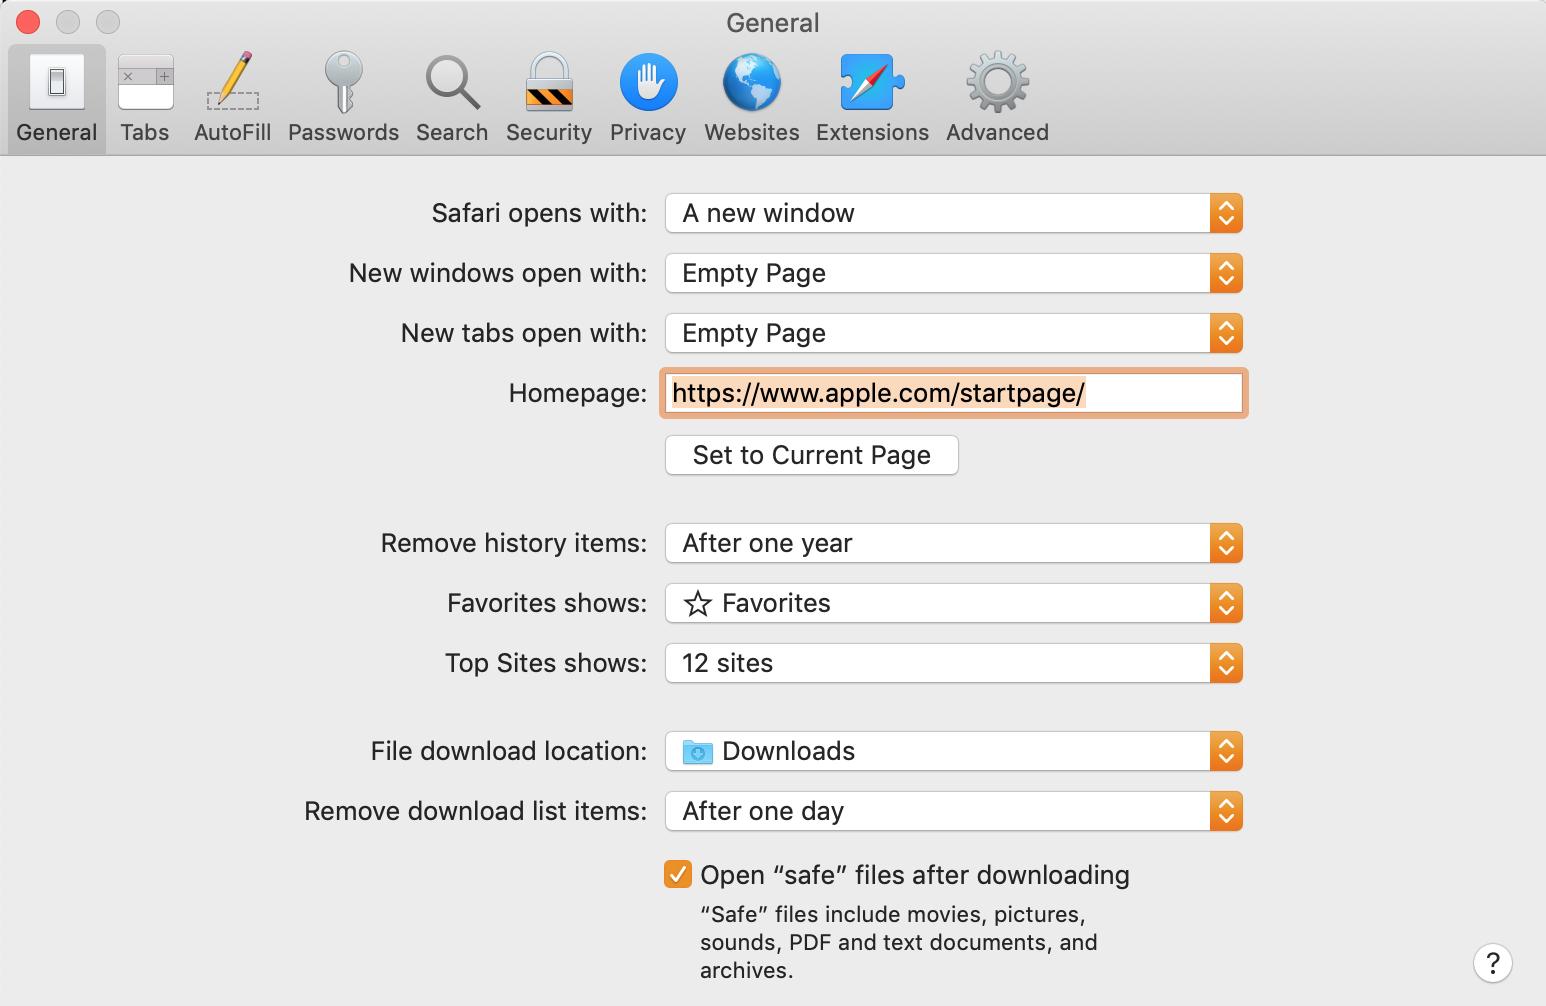 set custom safari homepage in general settings